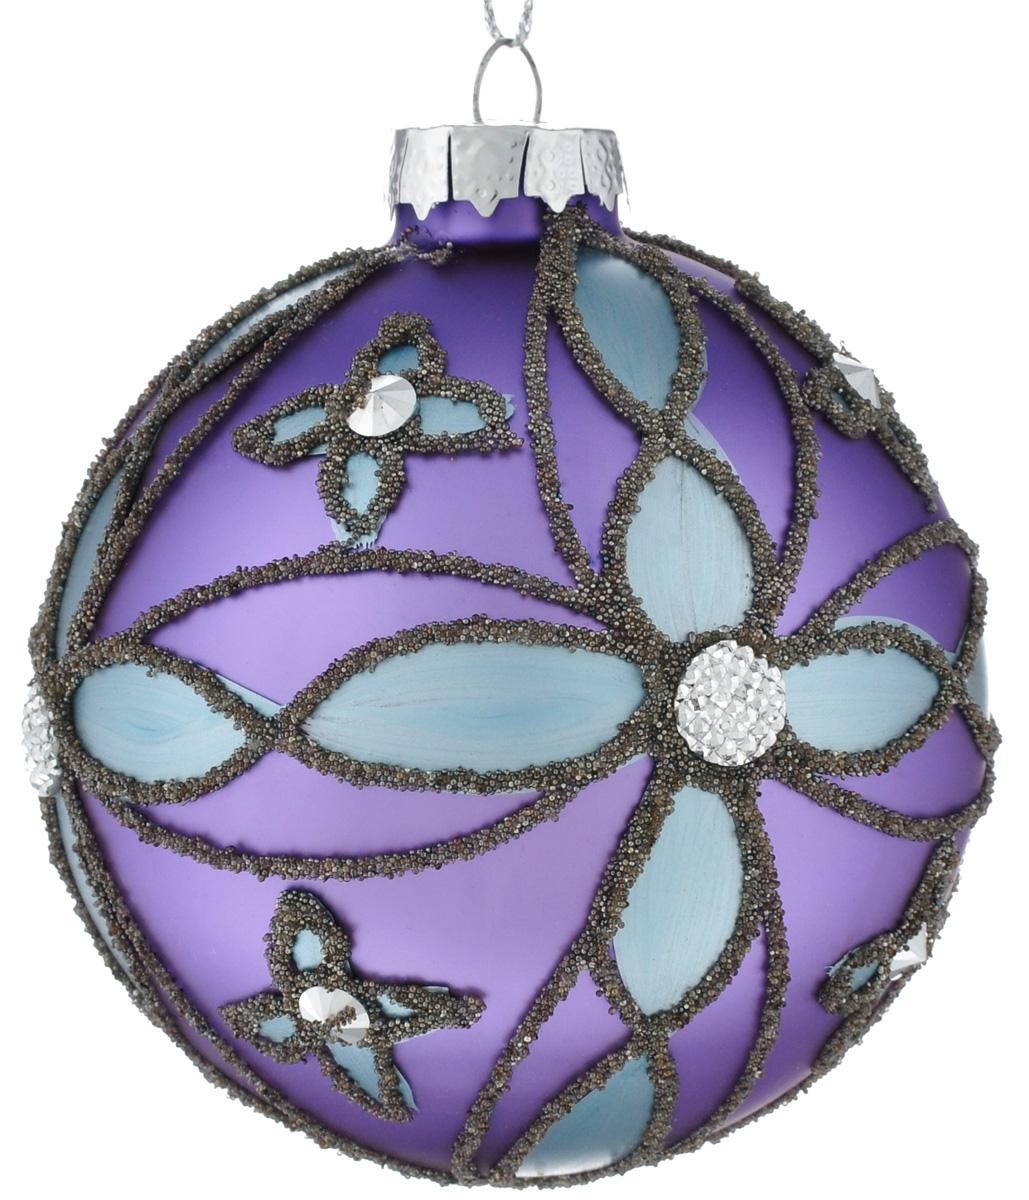 Новогоднее подвесное украшение Феникс-Презент Зимний закат, диаметр 8 см38390Новогоднее украшение Феникс-Презент Зимний закат отлично подойдет для декорации вашего дома и праздничной ели. Изделие выполнено из стекла в виде шара, декорированного оригинальными узорами, и оснащено текстильной петелькой для подвешивания. Елочная игрушка - символ Нового года. Она несет в себе волшебство и красоту праздника. Создайте в своем доме атмосферу веселья и радости, украшая всей семьей новогоднюю елку нарядными игрушками, которые будут из года в год накапливать теплоту воспоминаний.